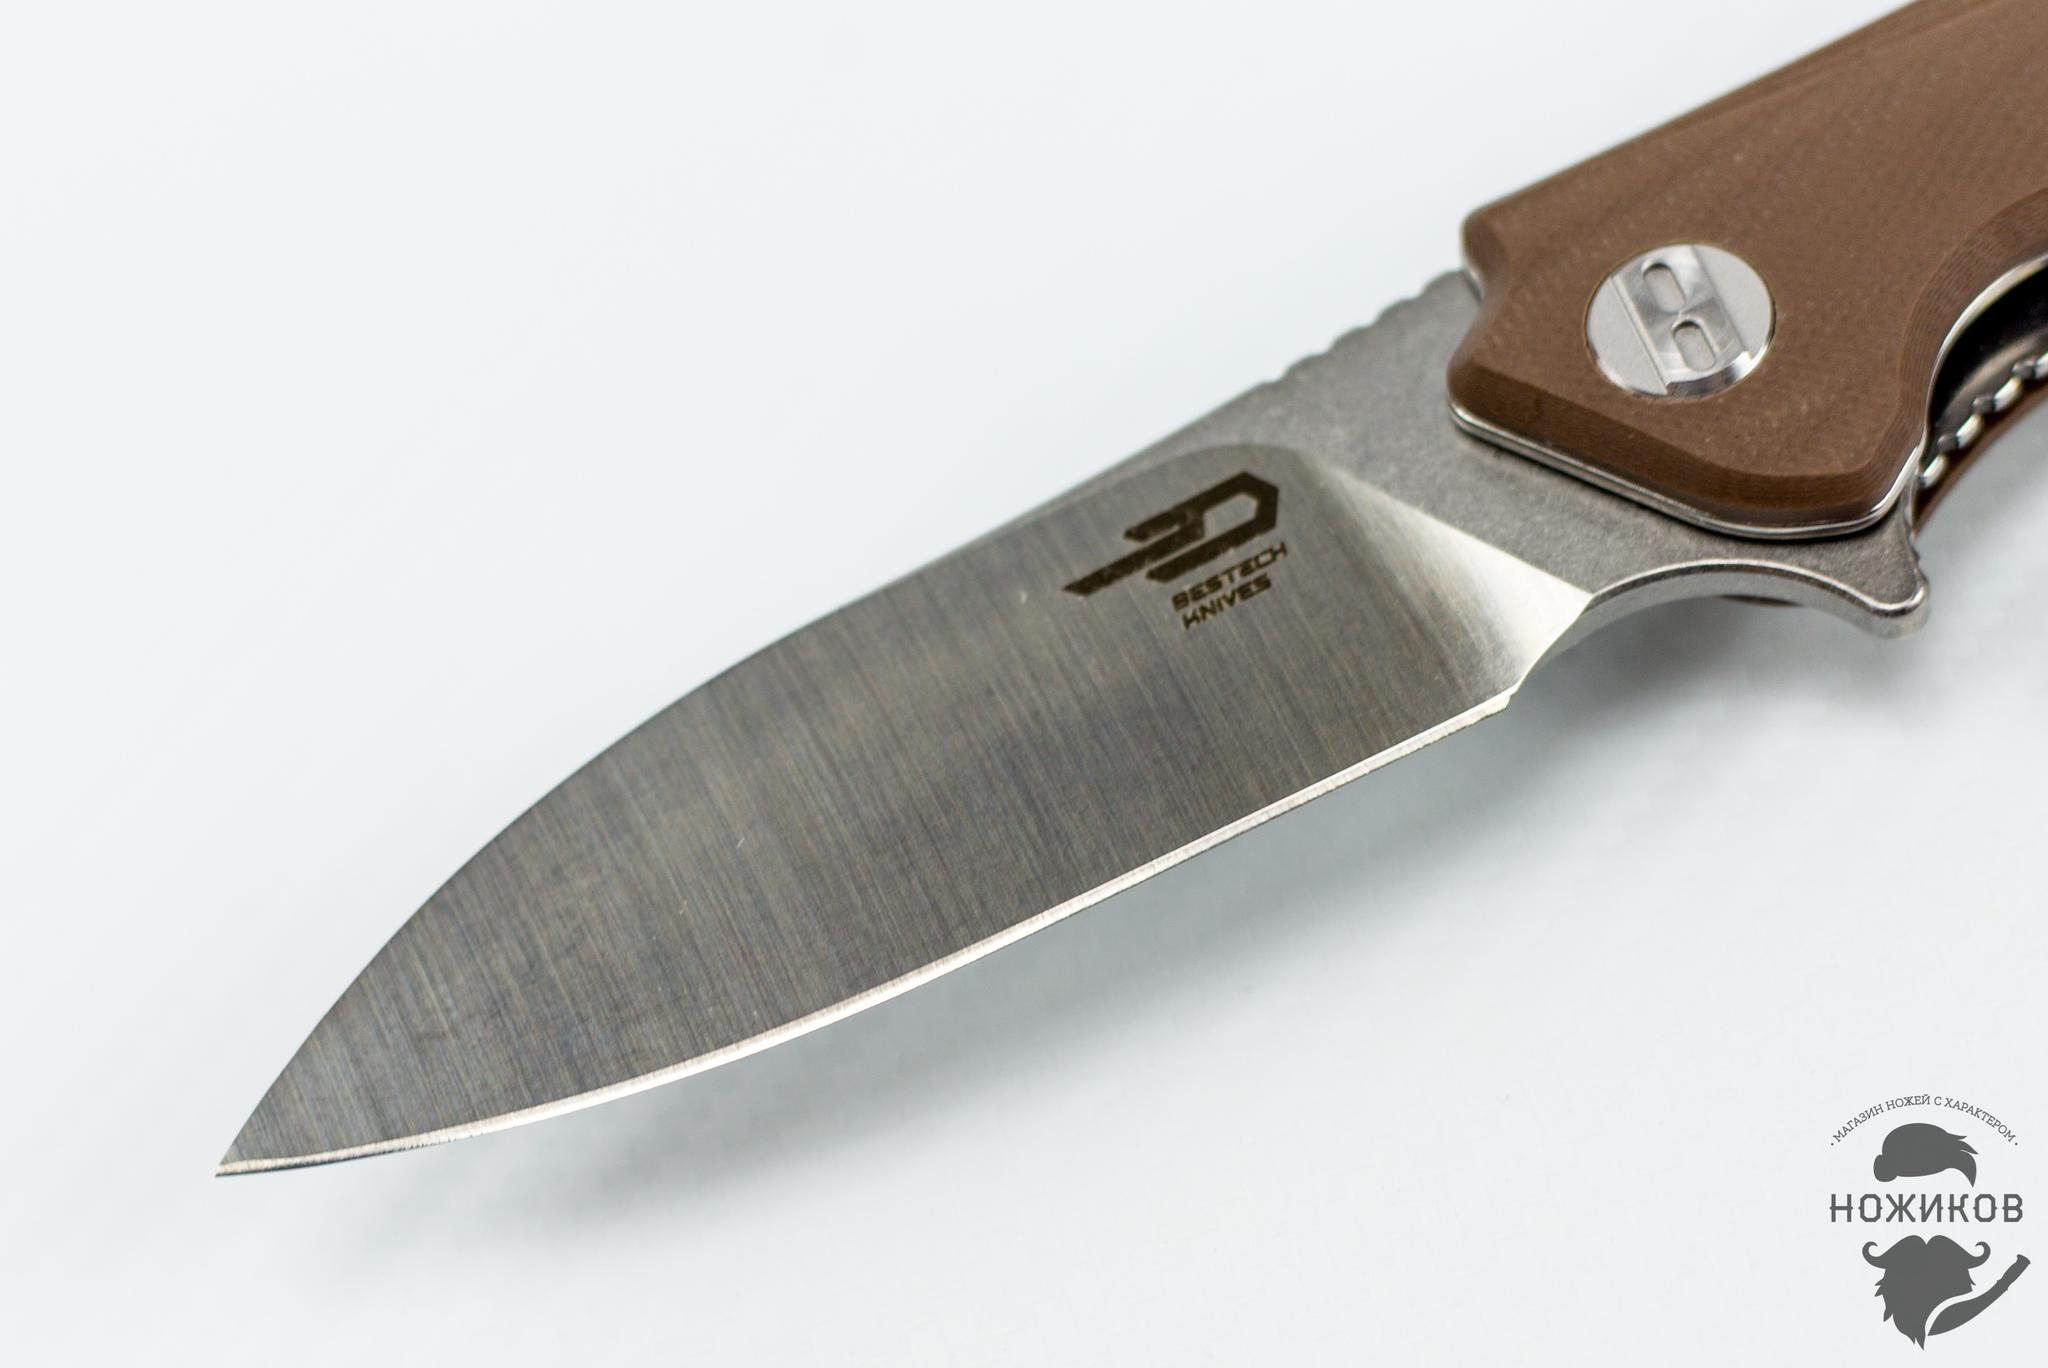 Фото 5 - Складной нож Bestech Beluga BG11C-2, сталь Sandvik 12C27 от Bestech Knives